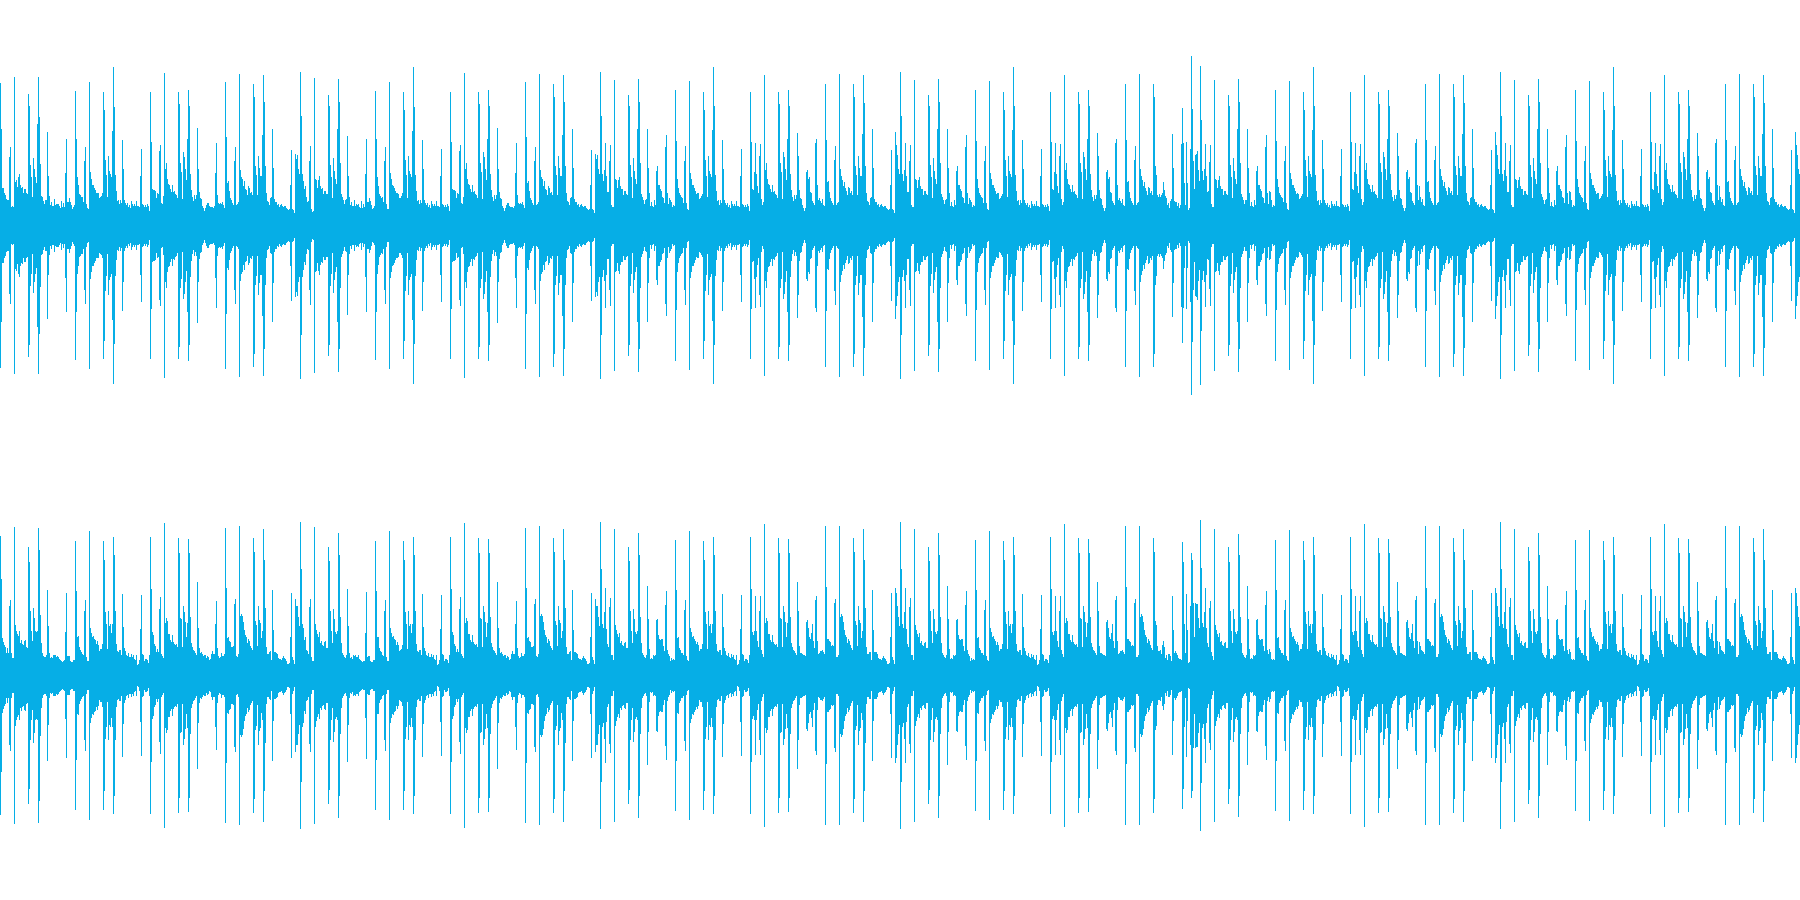 ダークでアンニュイなエレクトロニック系の再生済みの波形